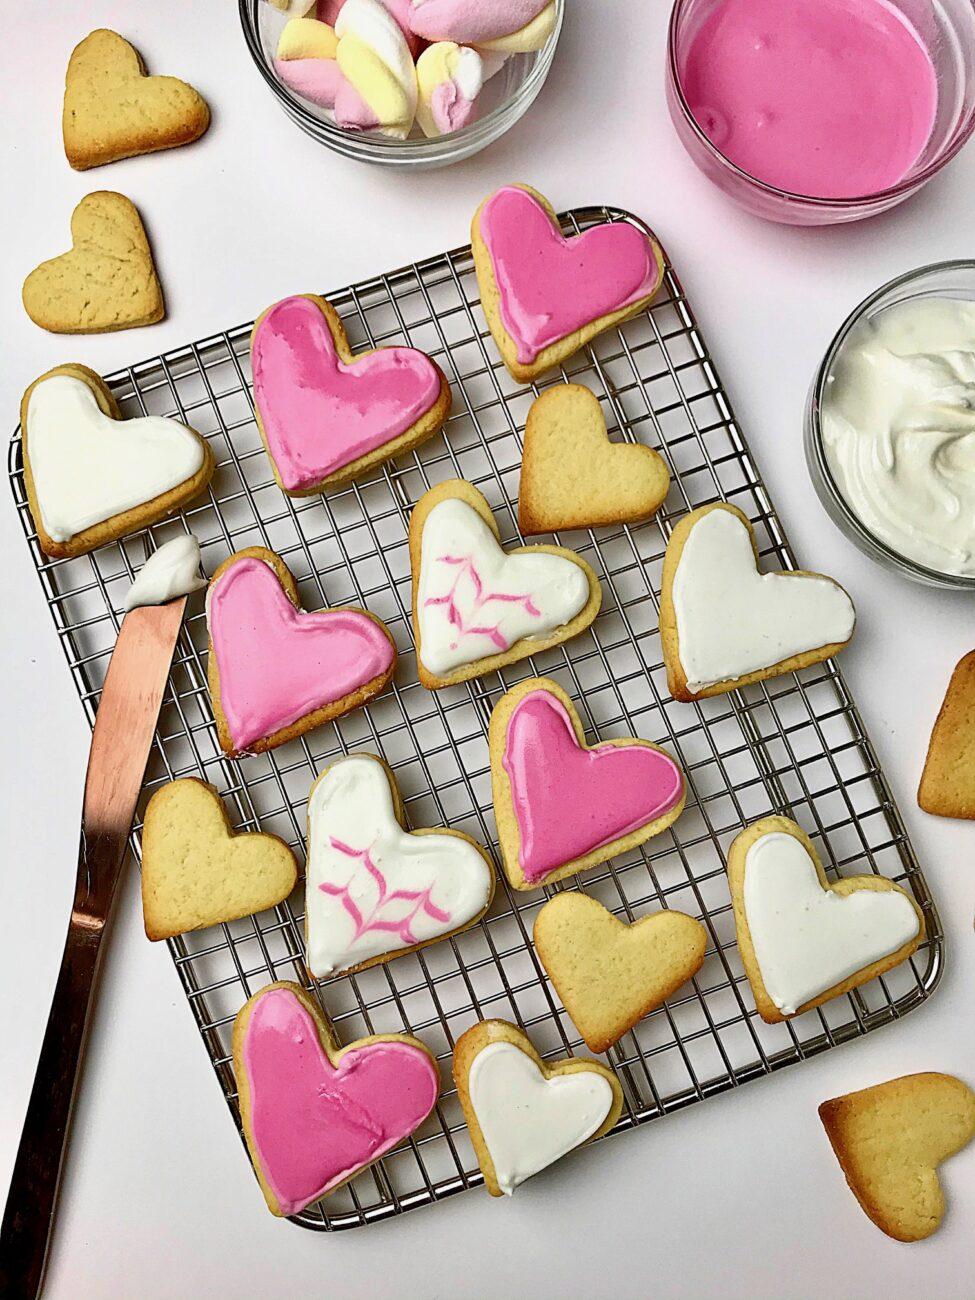 Μπισκότα καρδούλες με γεύση βανίλιας|Άγιος Βαλεντίνος